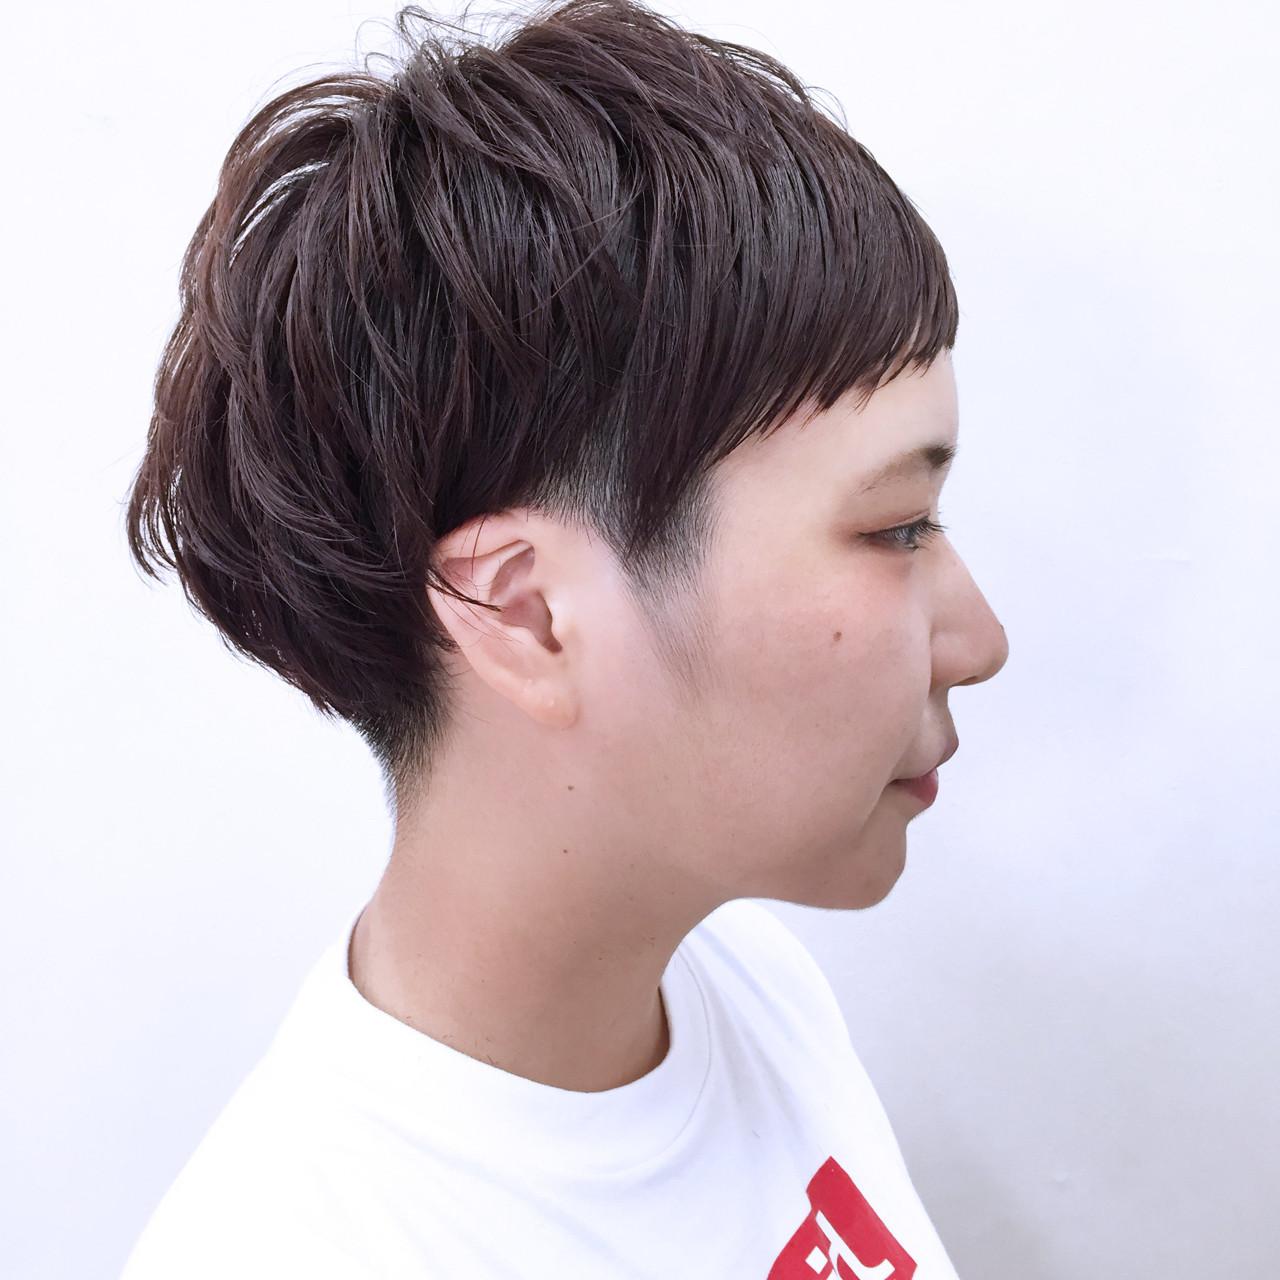 ベビーバング×黒髪マッシュショートでピュア感♡ YSO | 電髪倶楽部street